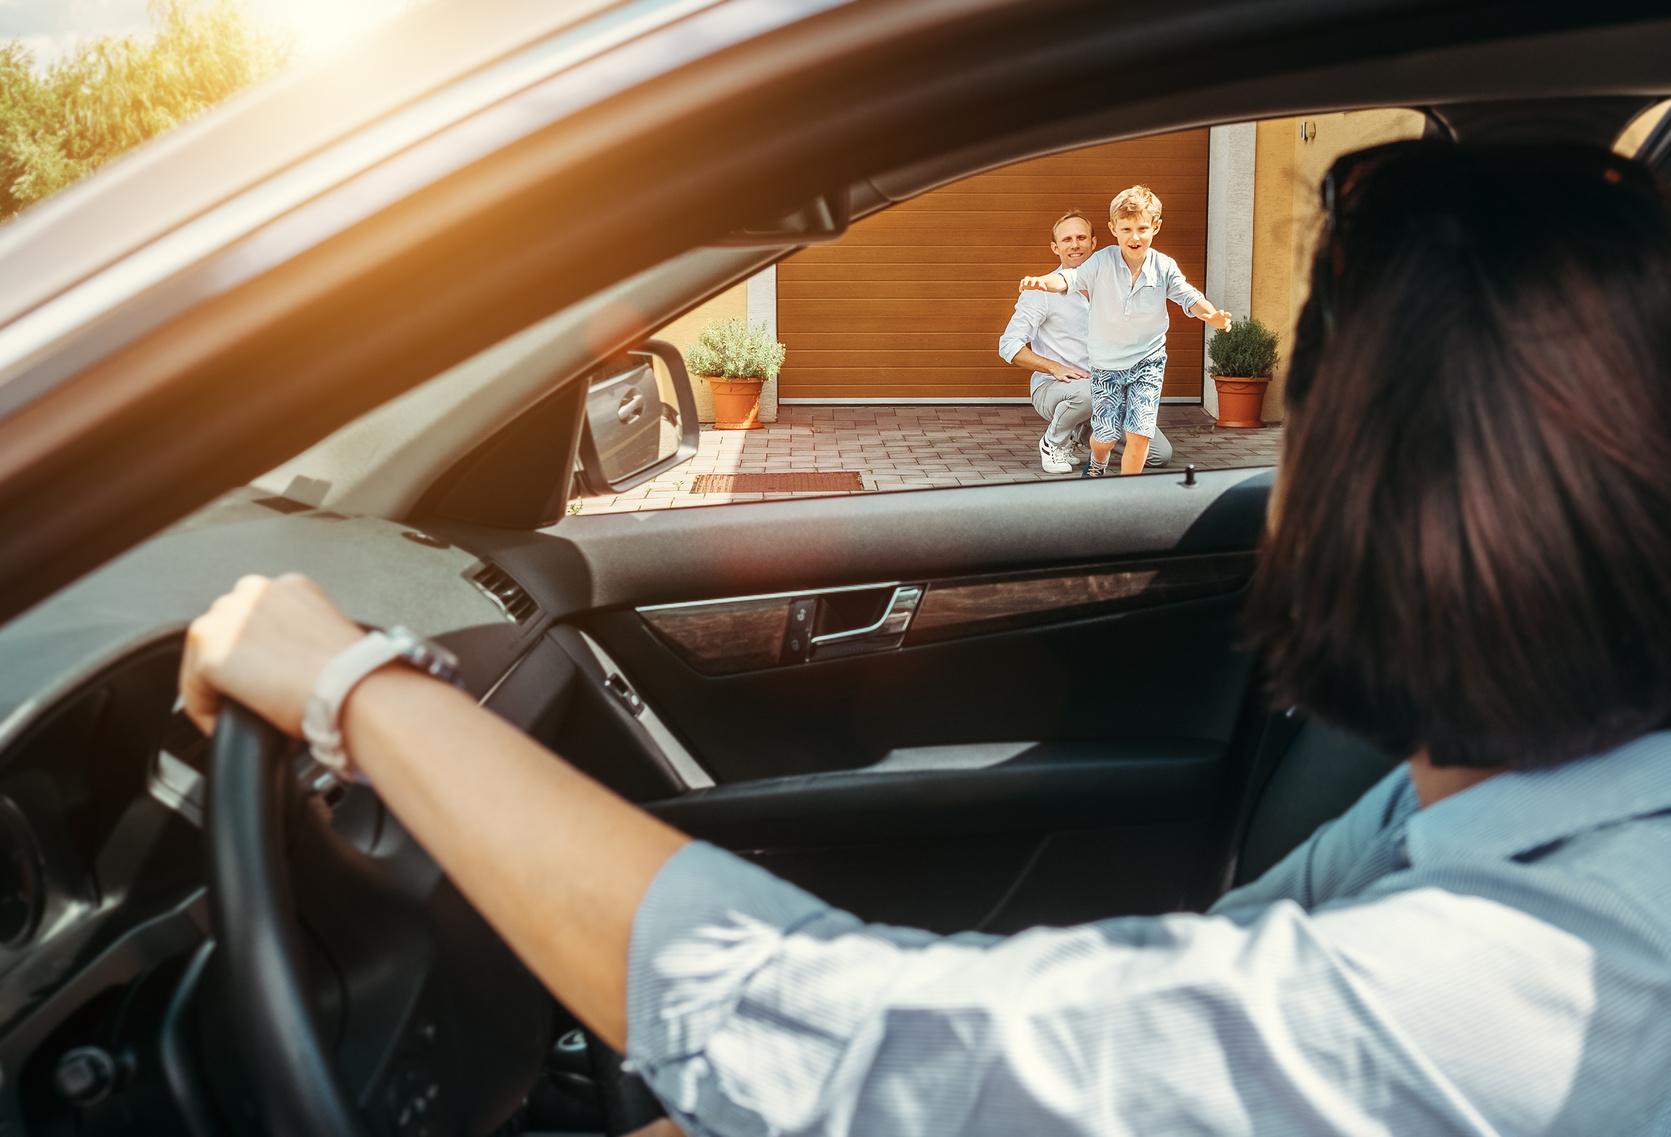 Mutter sitzt im Auto, Sohn läuft auf sie zu, Vater im Hintergrund